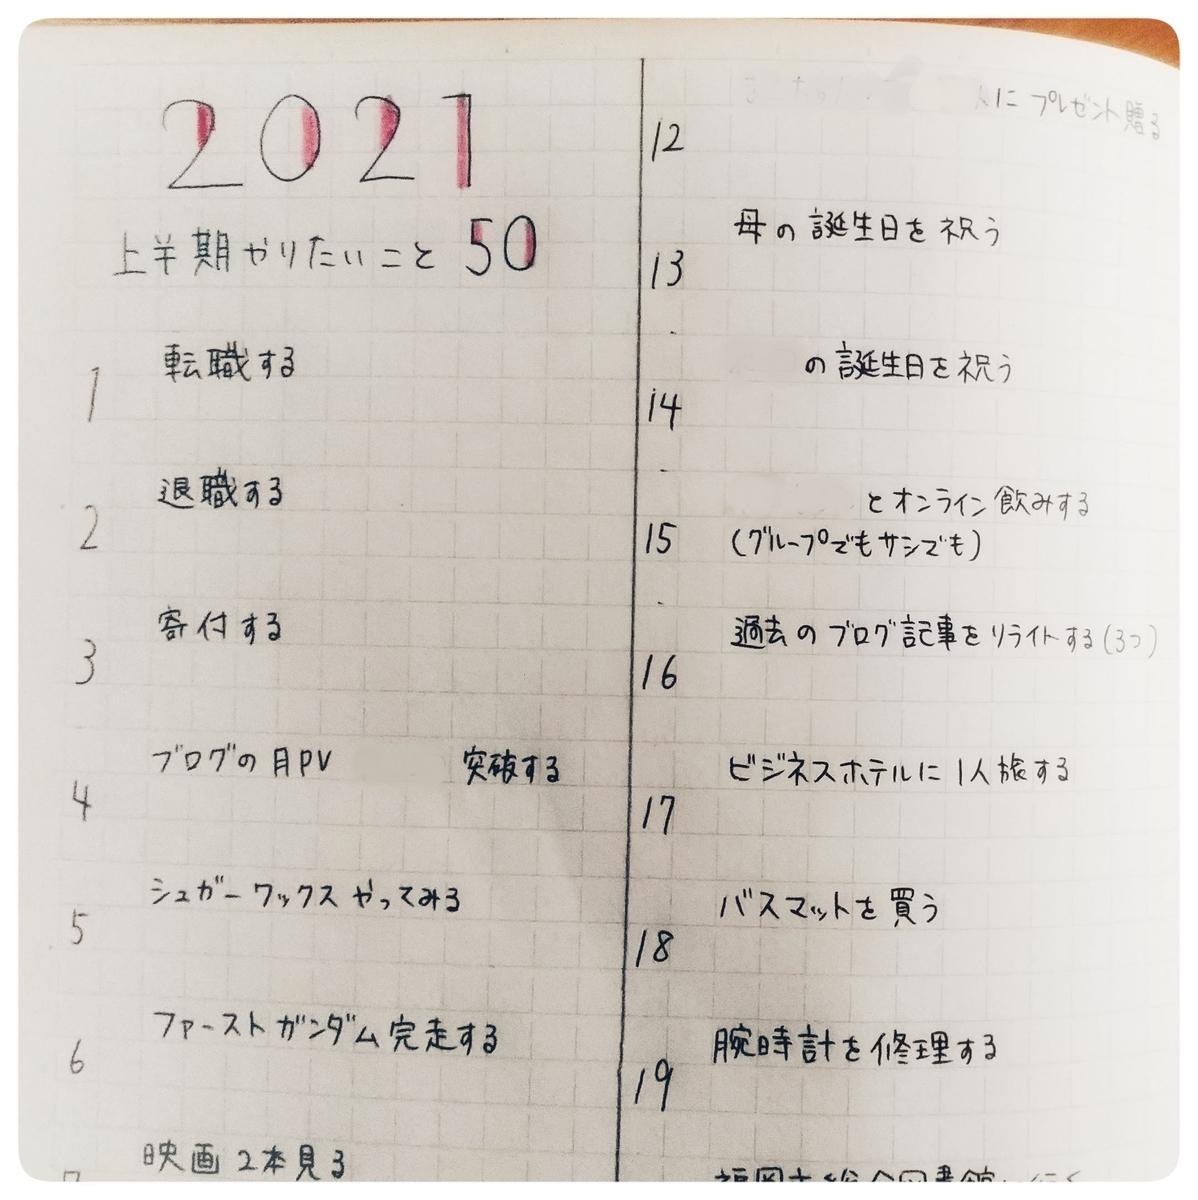 f:id:haruyama012:20210117154901j:plain